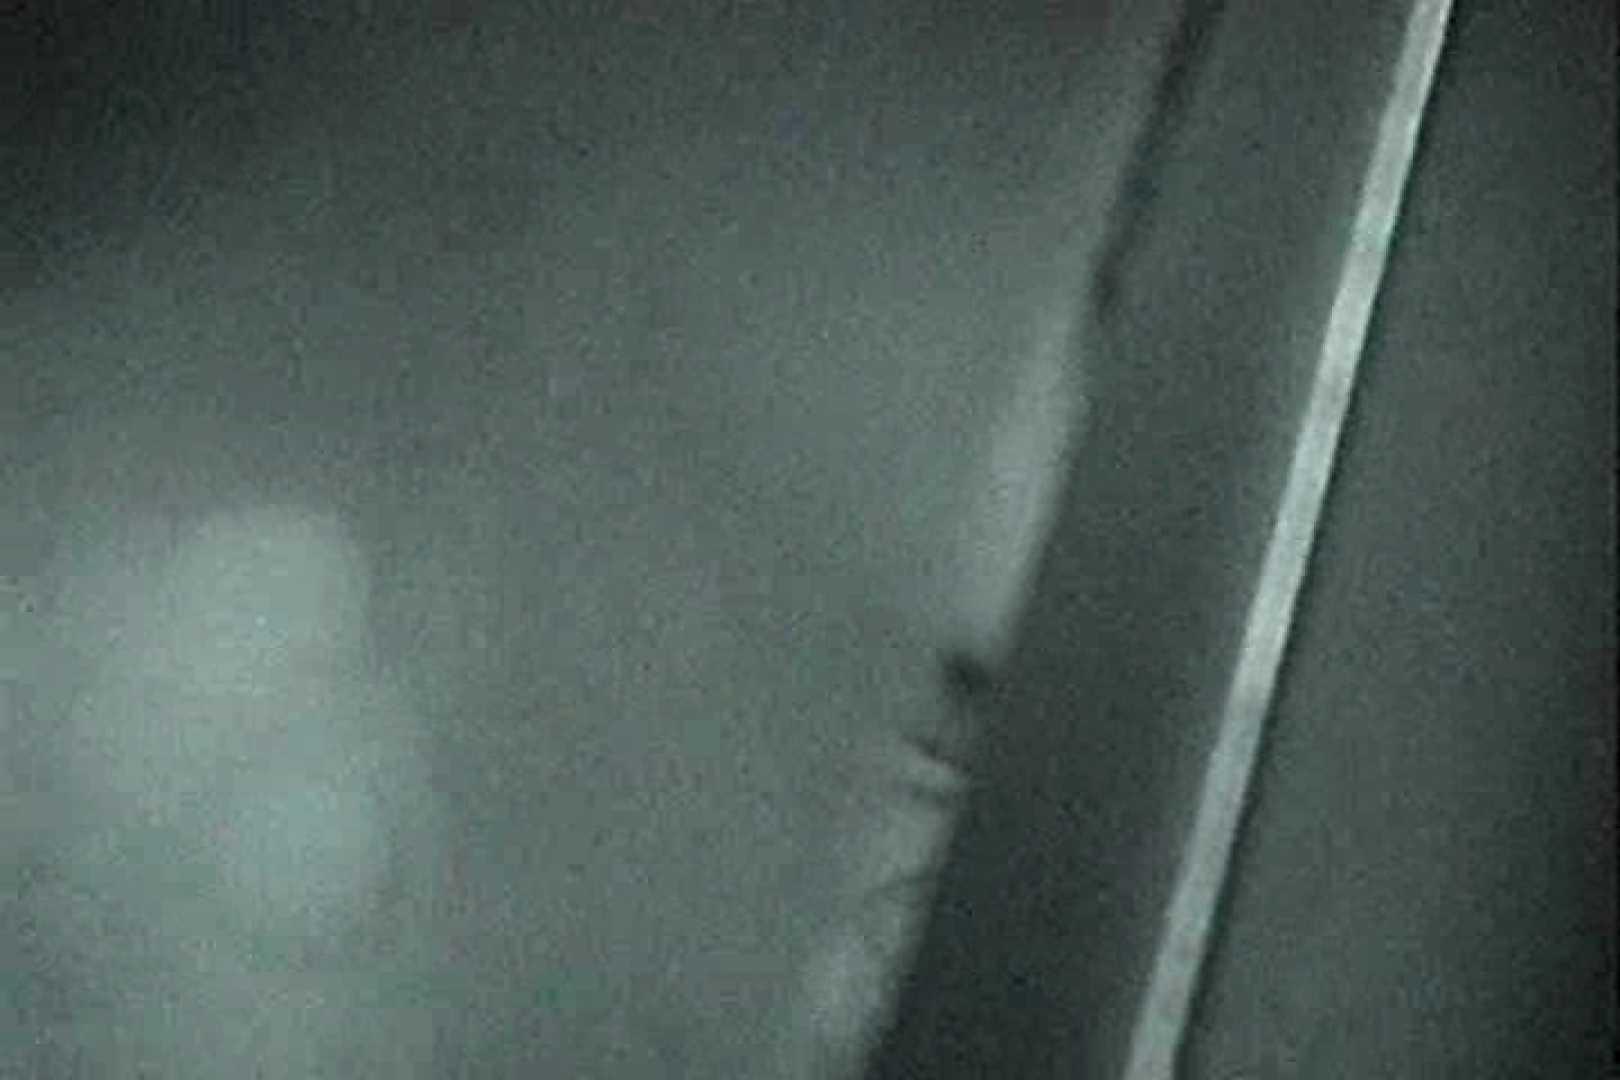 充血監督の深夜の運動会Vol.18 HなOL エロ画像 109pic 68